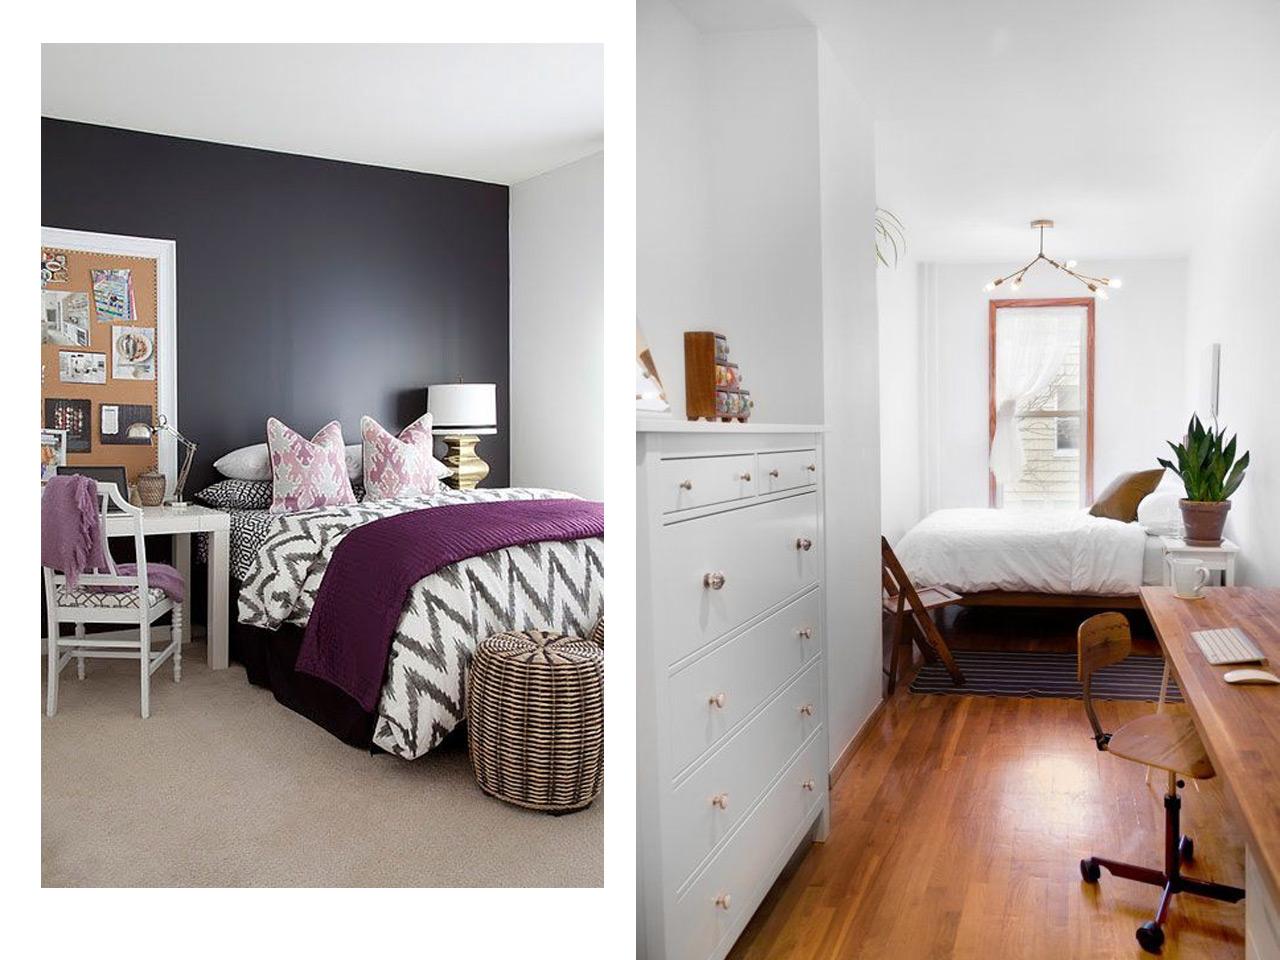 Consejos para decorar tu habitaci n multiusos - Habitacion de invitados ...